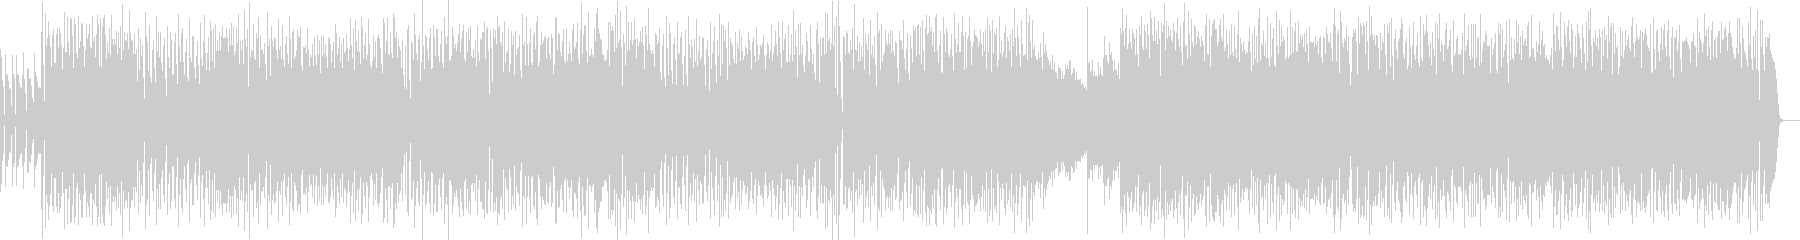 バンドサウンド クランチROCK 生演奏の未再生の波形